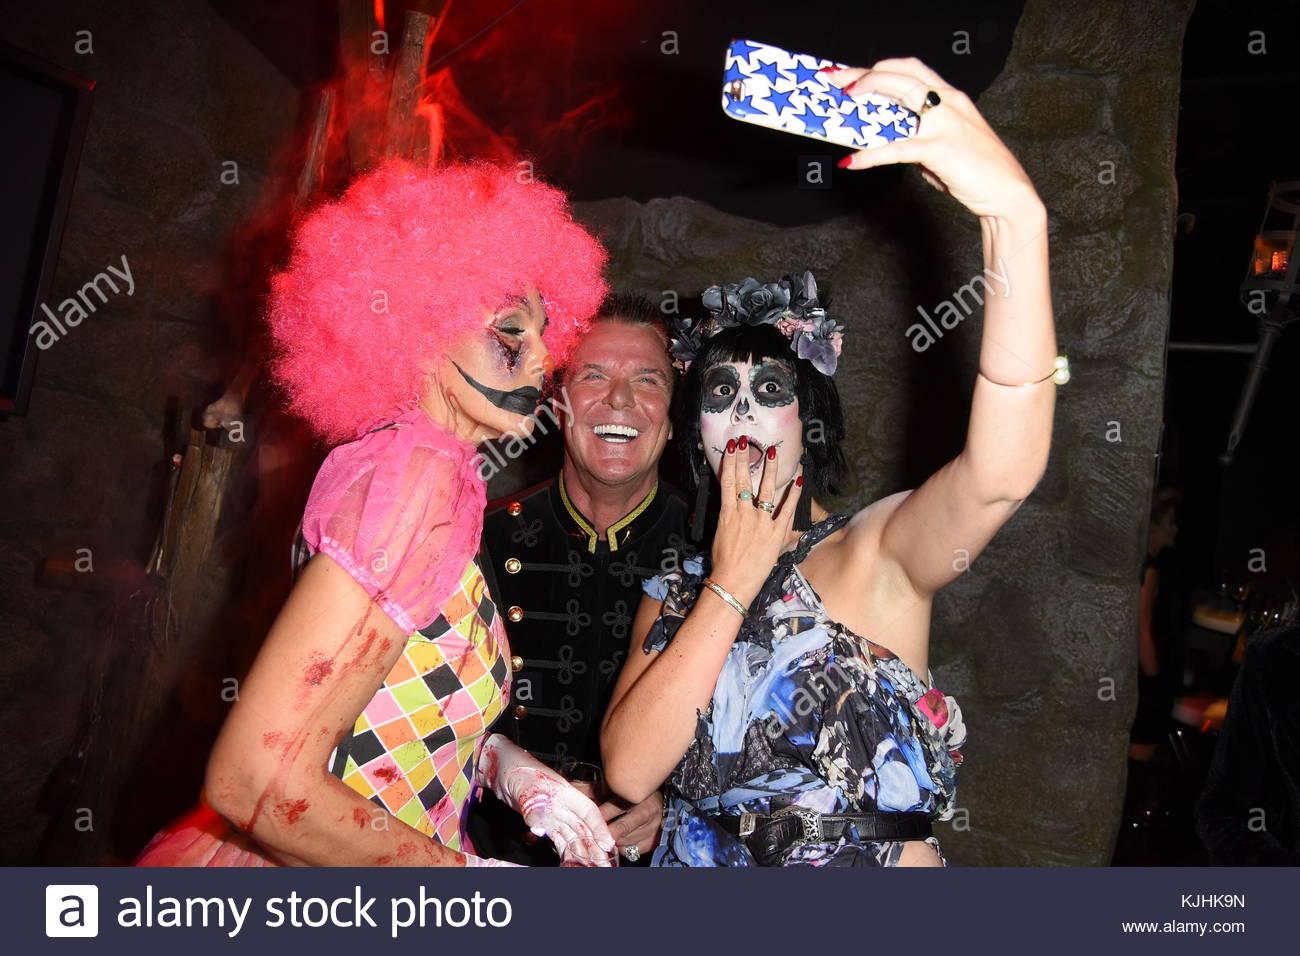 Halloween Party hosted by Natascha Ochsenknecht at Berlin Dungeon.  Featuring: Marcus von Anhalt, Natascha Ochsenknecht, - Stock Image